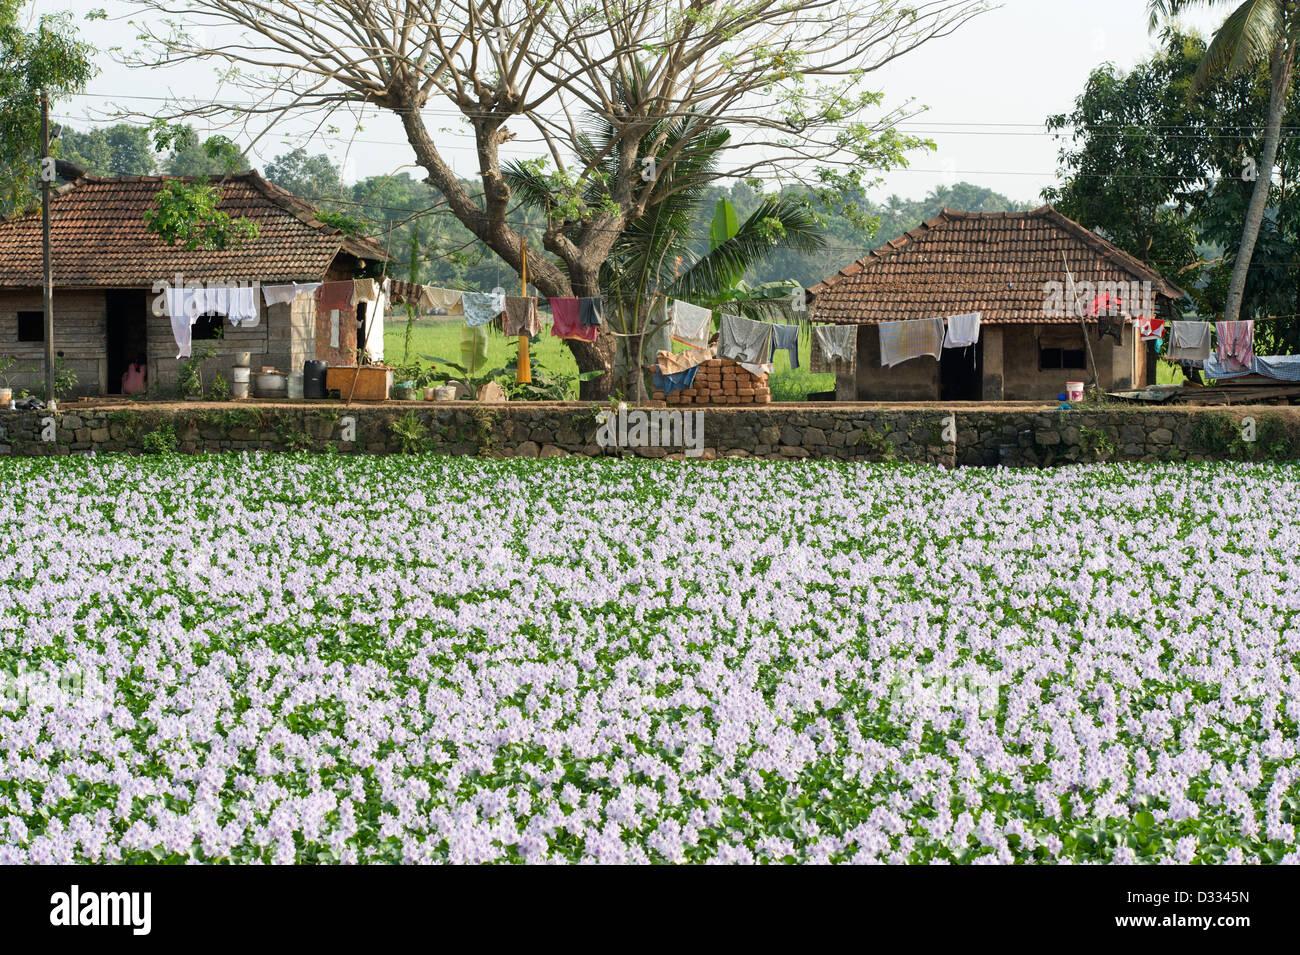 Case locali circondato da fiori sulle lagune di Alappuzha, Alleppey, Kerala, India Immagini Stock